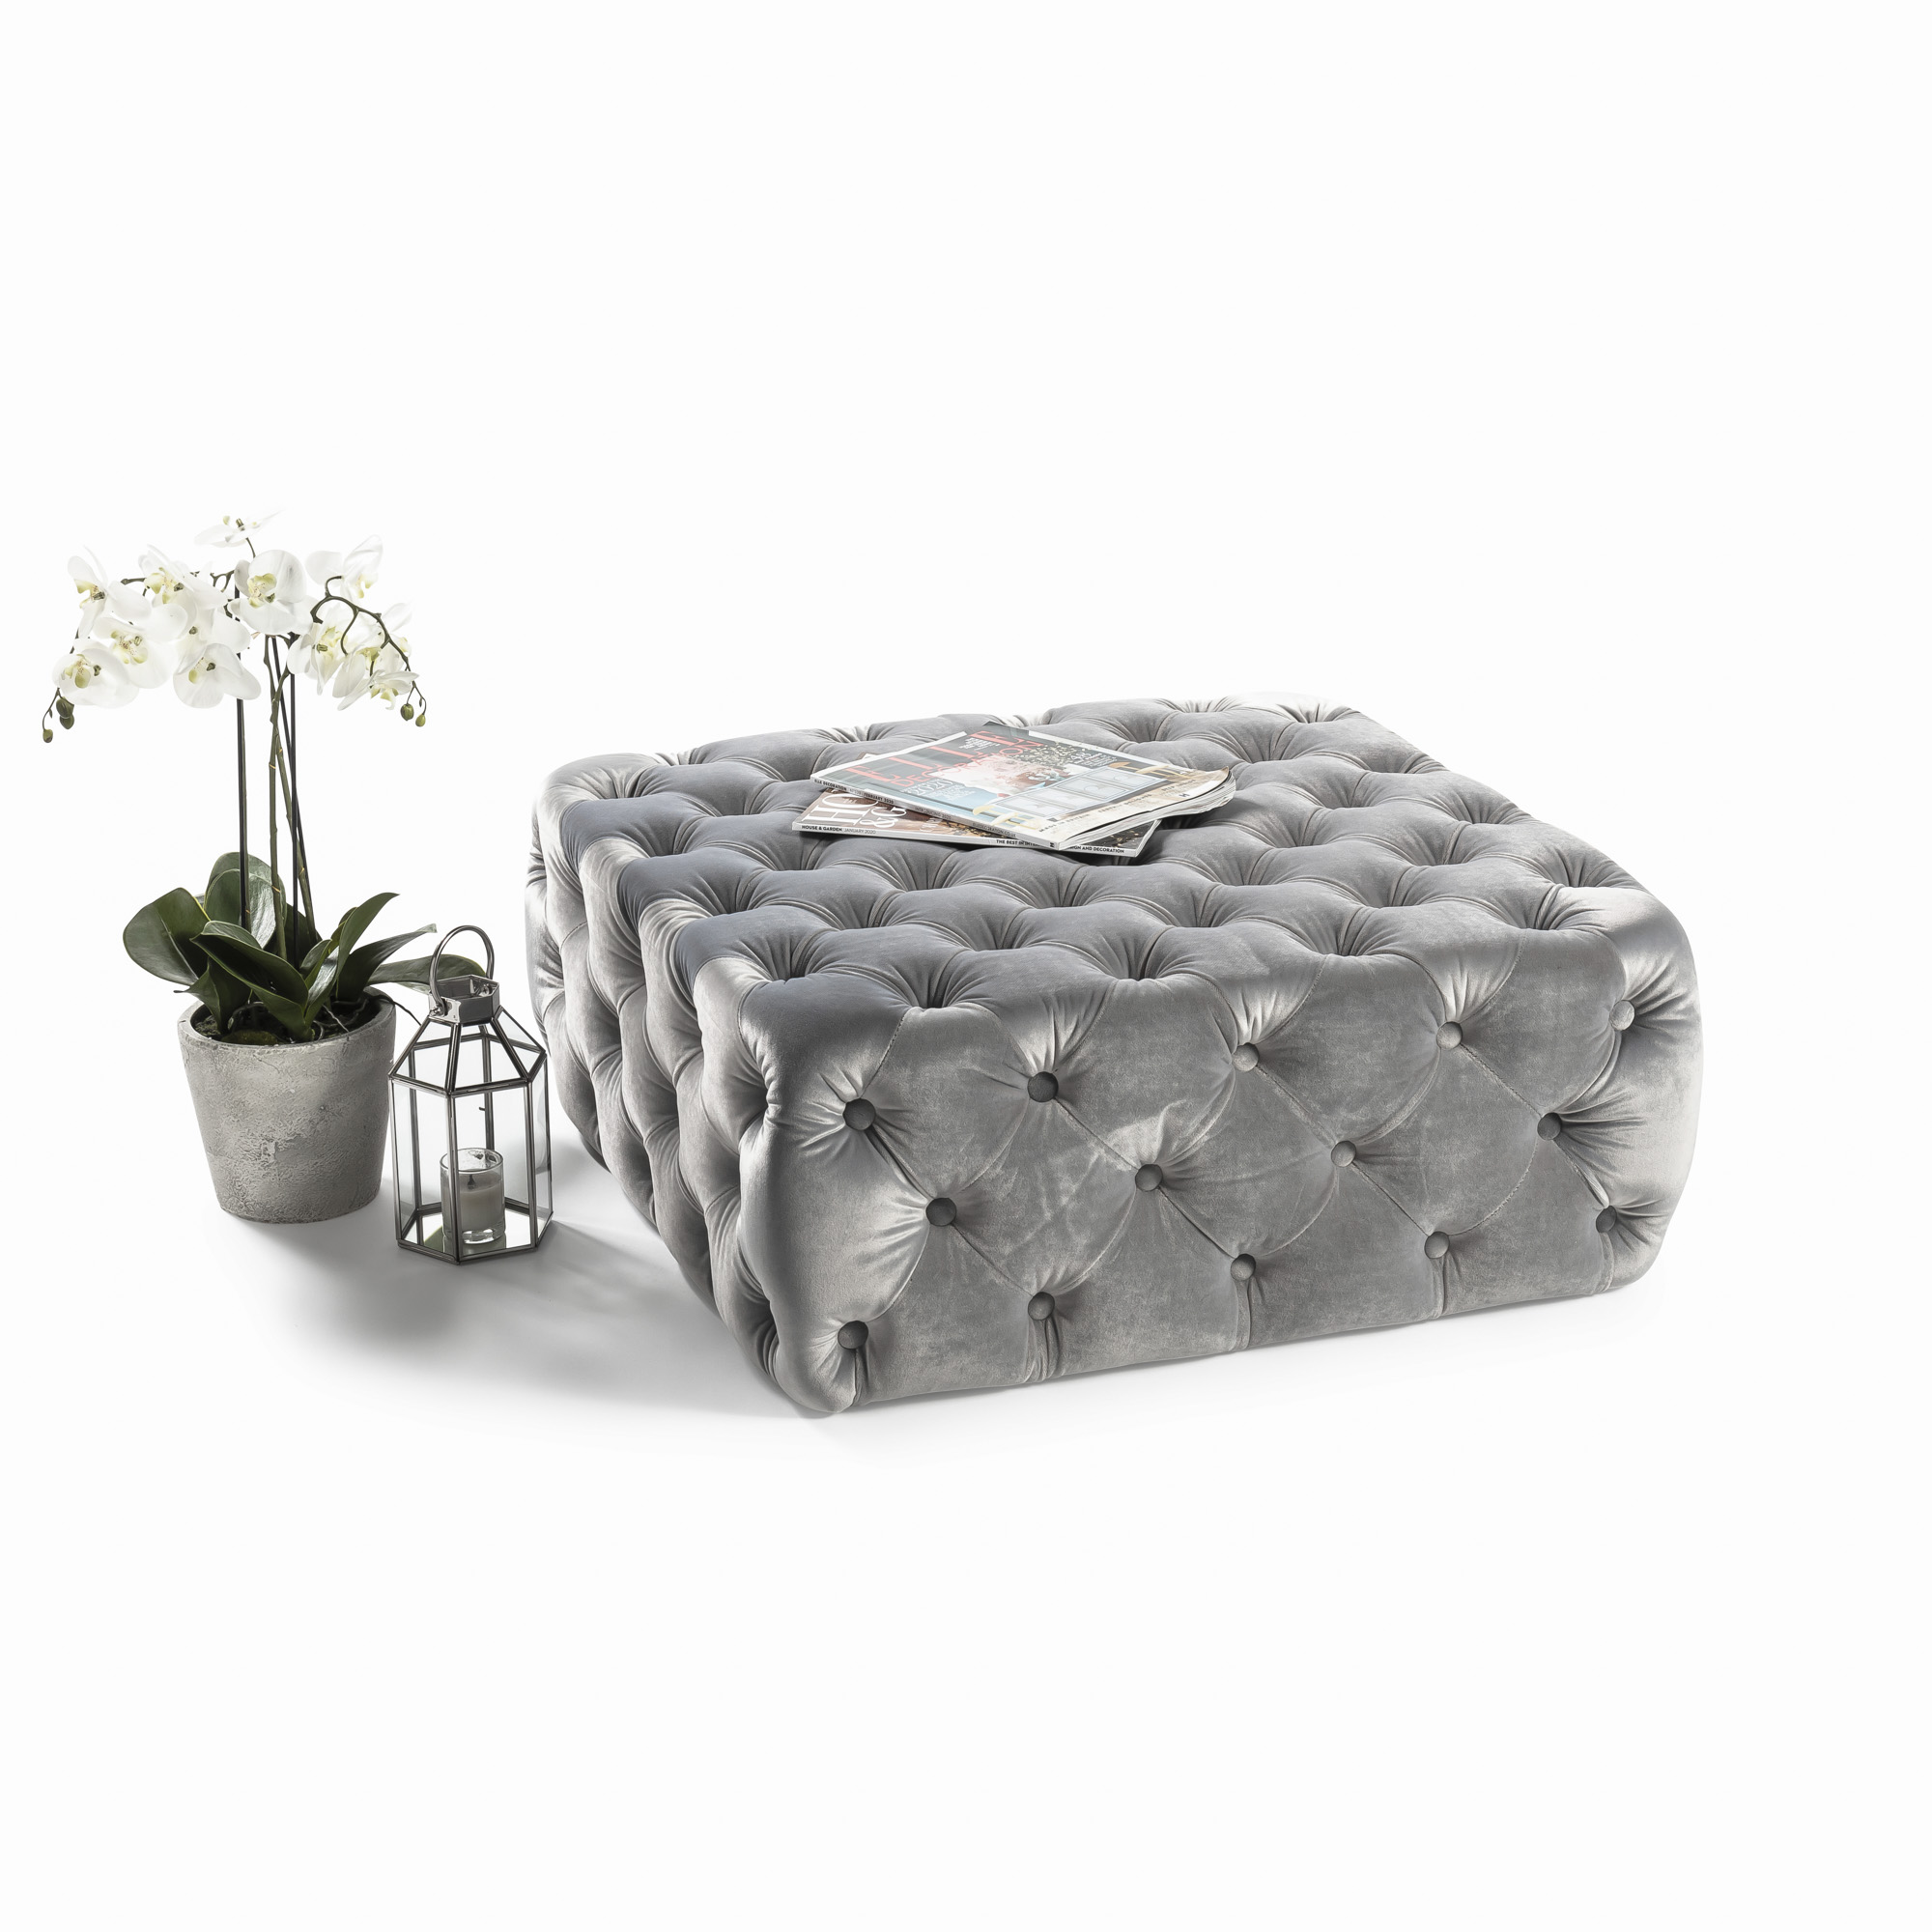 Buttoned Upholstered Grey Velvet Ottoman & Footstool